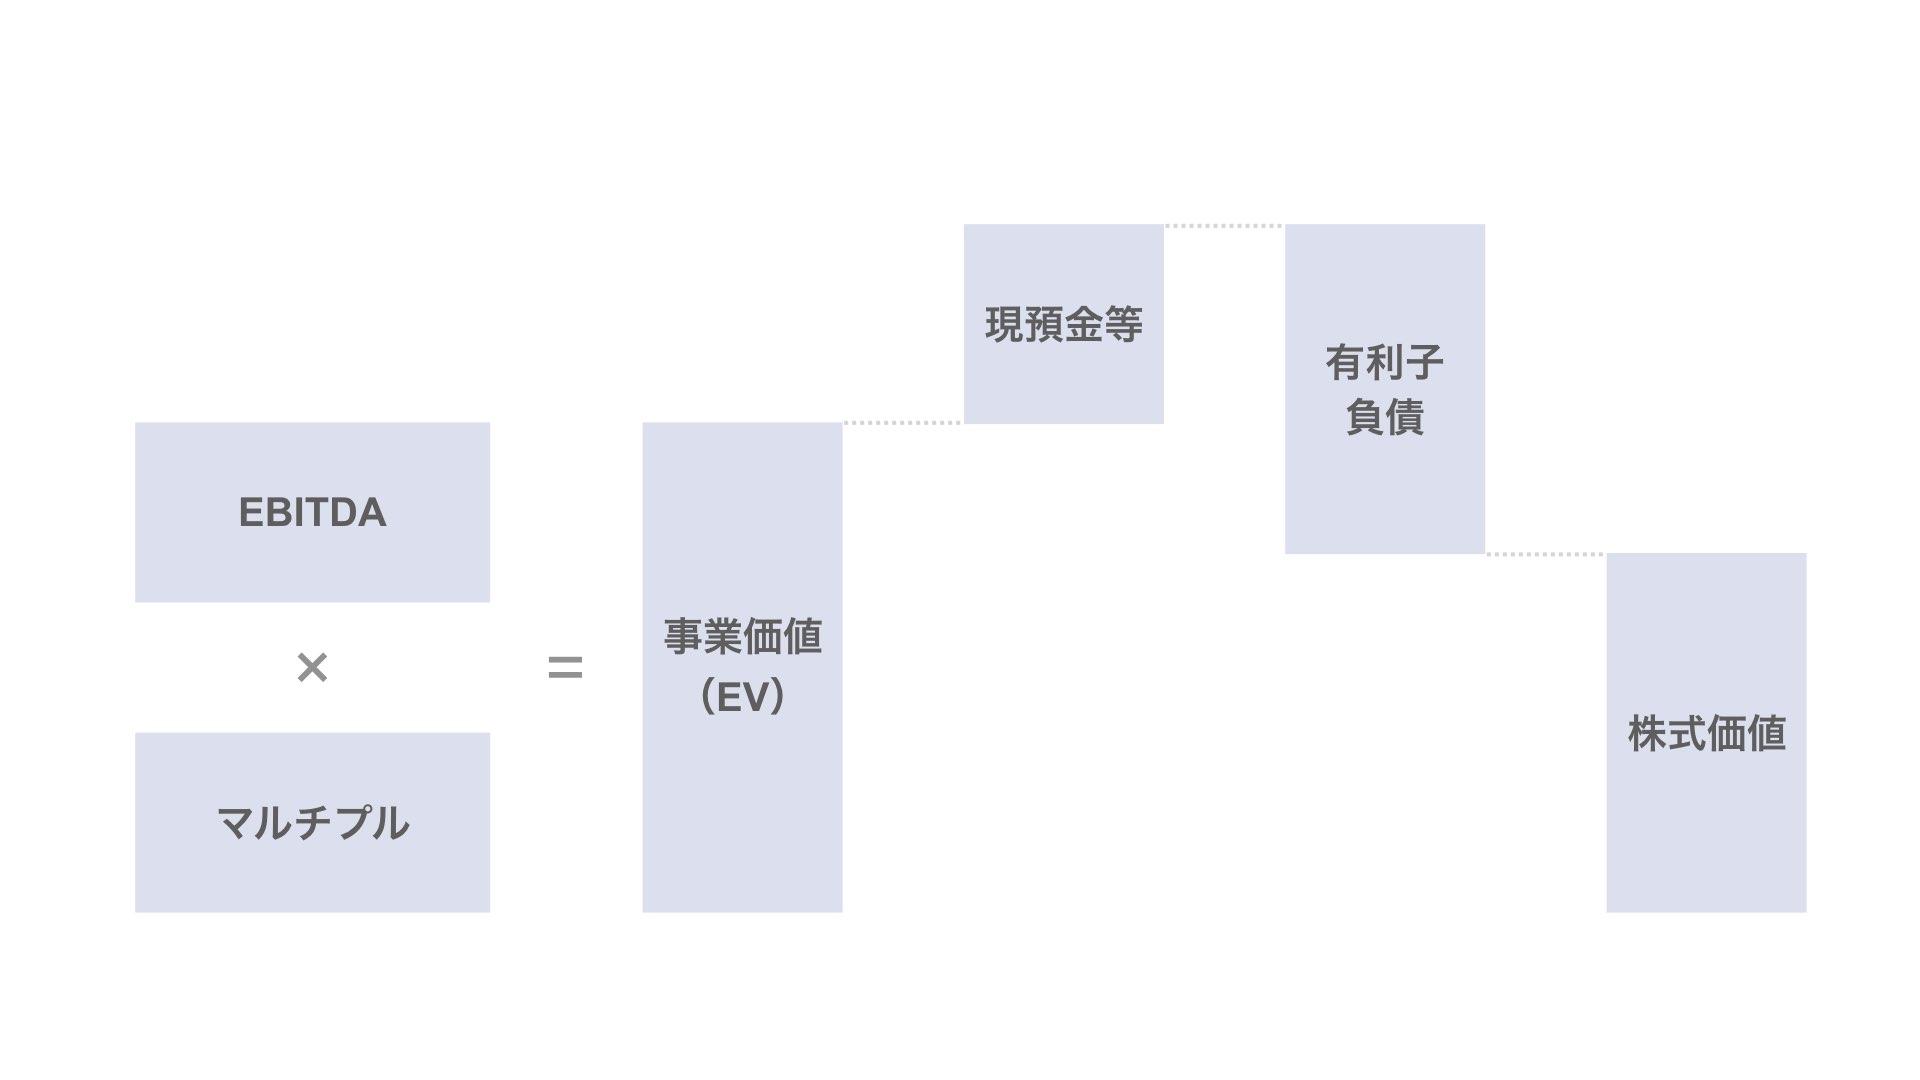 狭義のマルチプル法(EV/EBITDAマルチプル法)